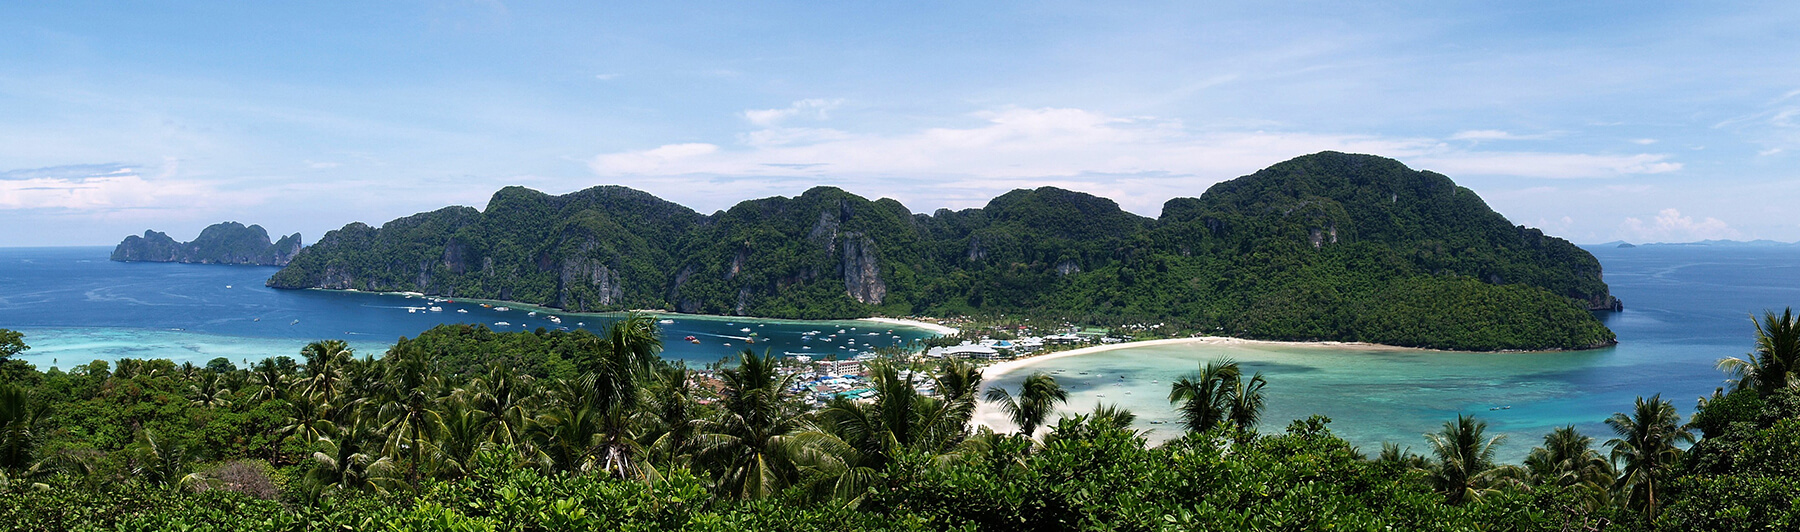 Khao-lak, Thailand